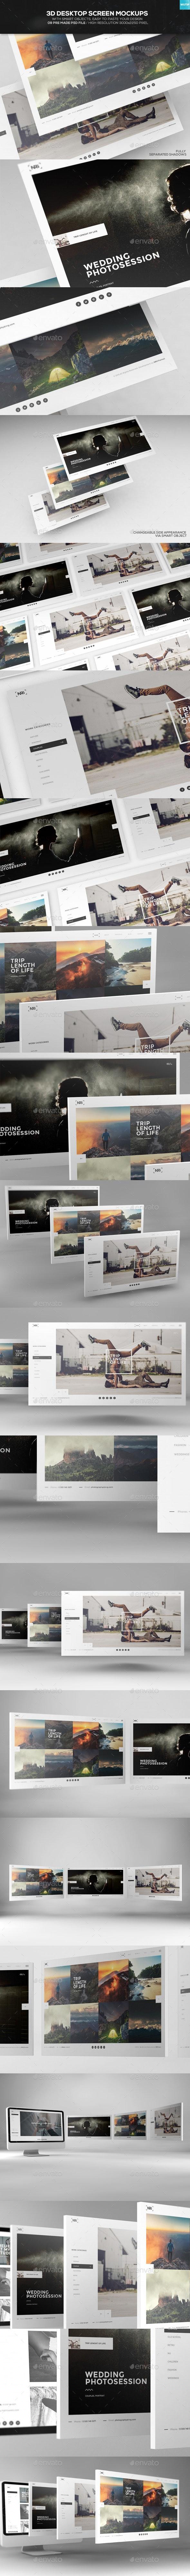 3D Desktop Screen Mockups - Website Displays